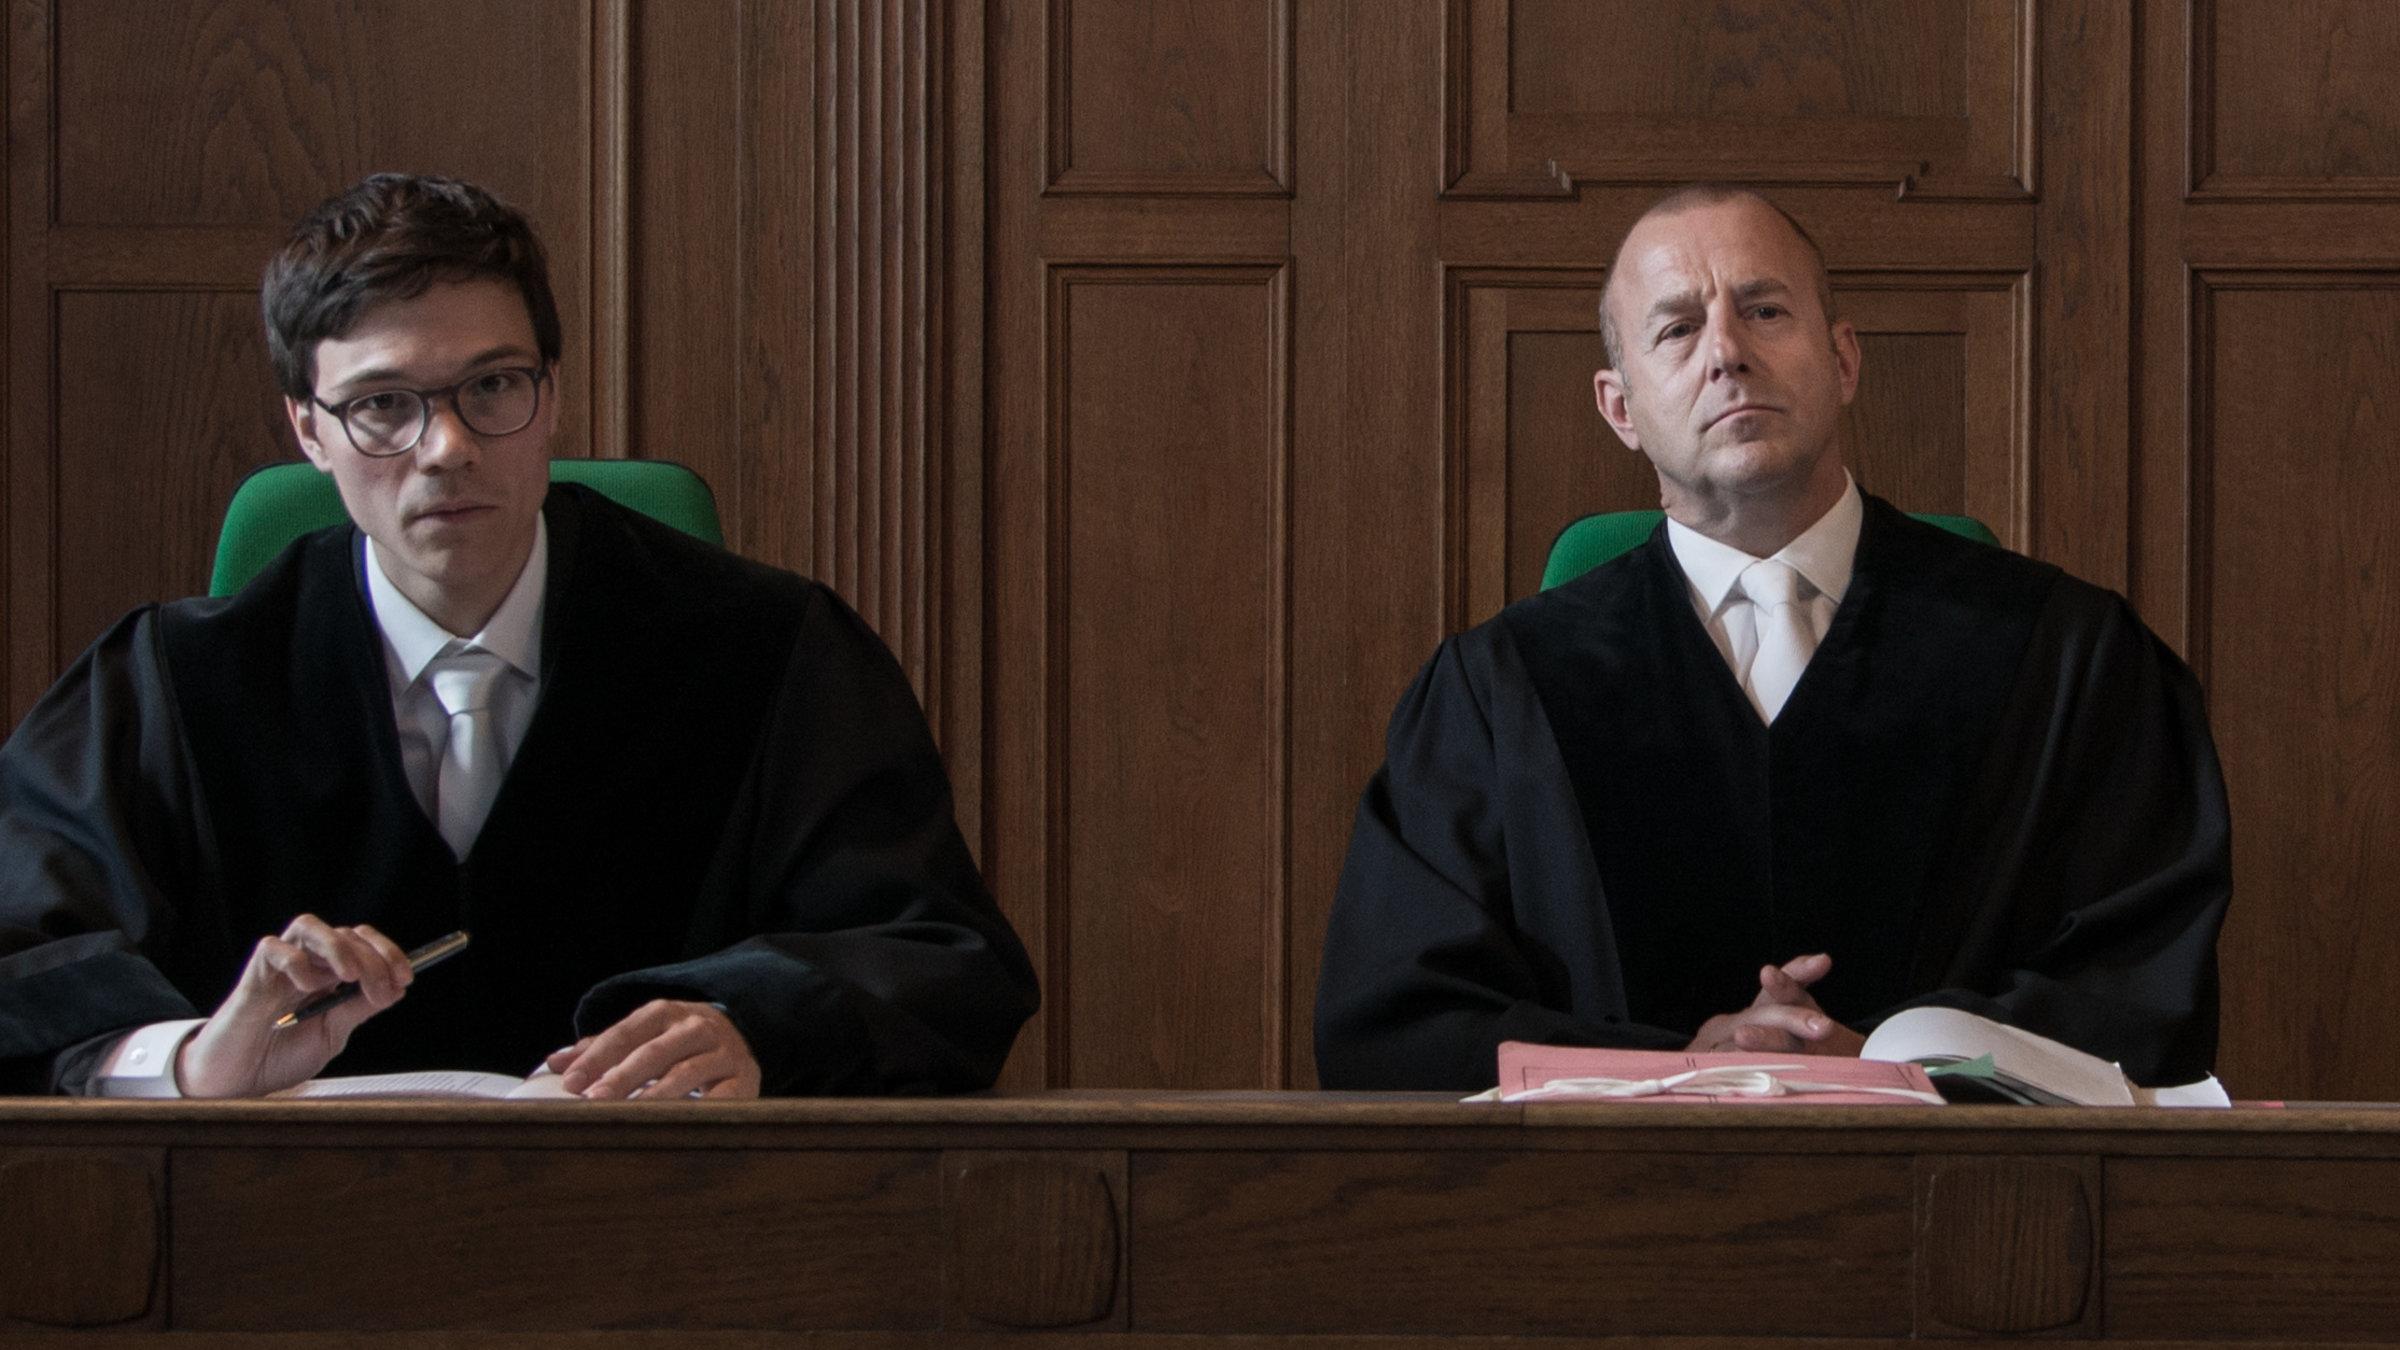 Fernsehfilm Der Woche Der Richter Zdfmediathek